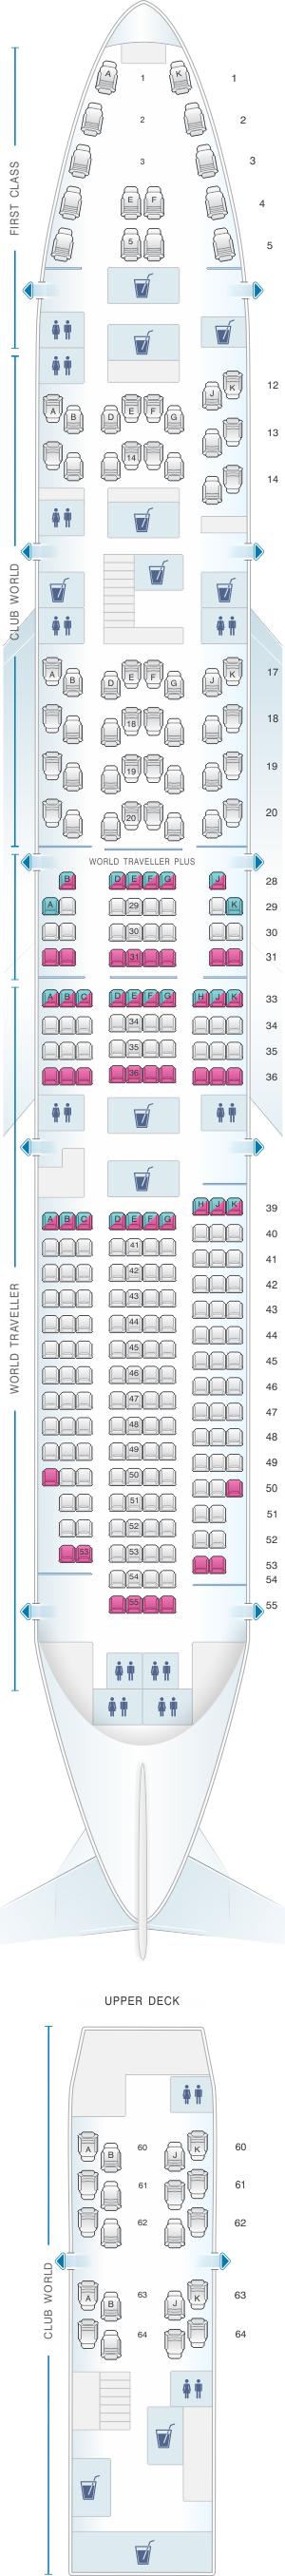 Seat map for British Airways Boeing B747 400 299PAX